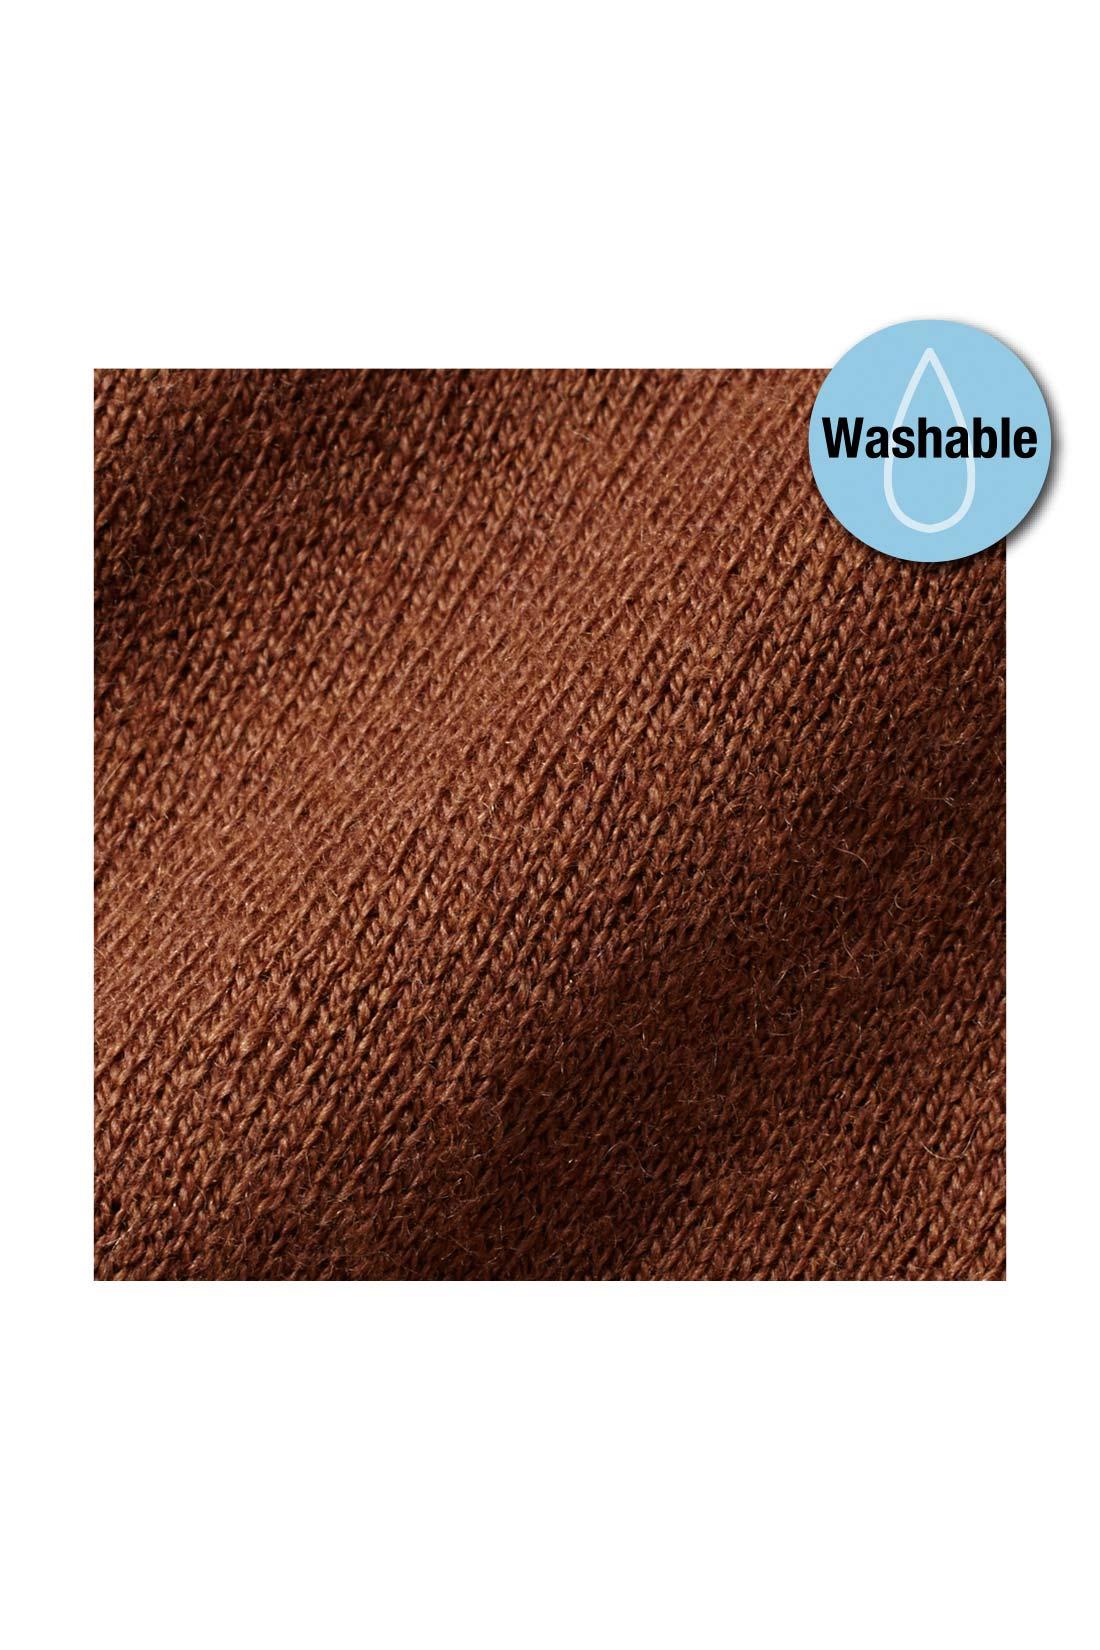 天然素材のコットンに贅沢にもカシミアを10%混紡した、やわらかな手ざわりの上質素材。細やかな編み目が上品な印象を放ちます。上質な素材ながら自宅で洗えるイージーケアでOK。